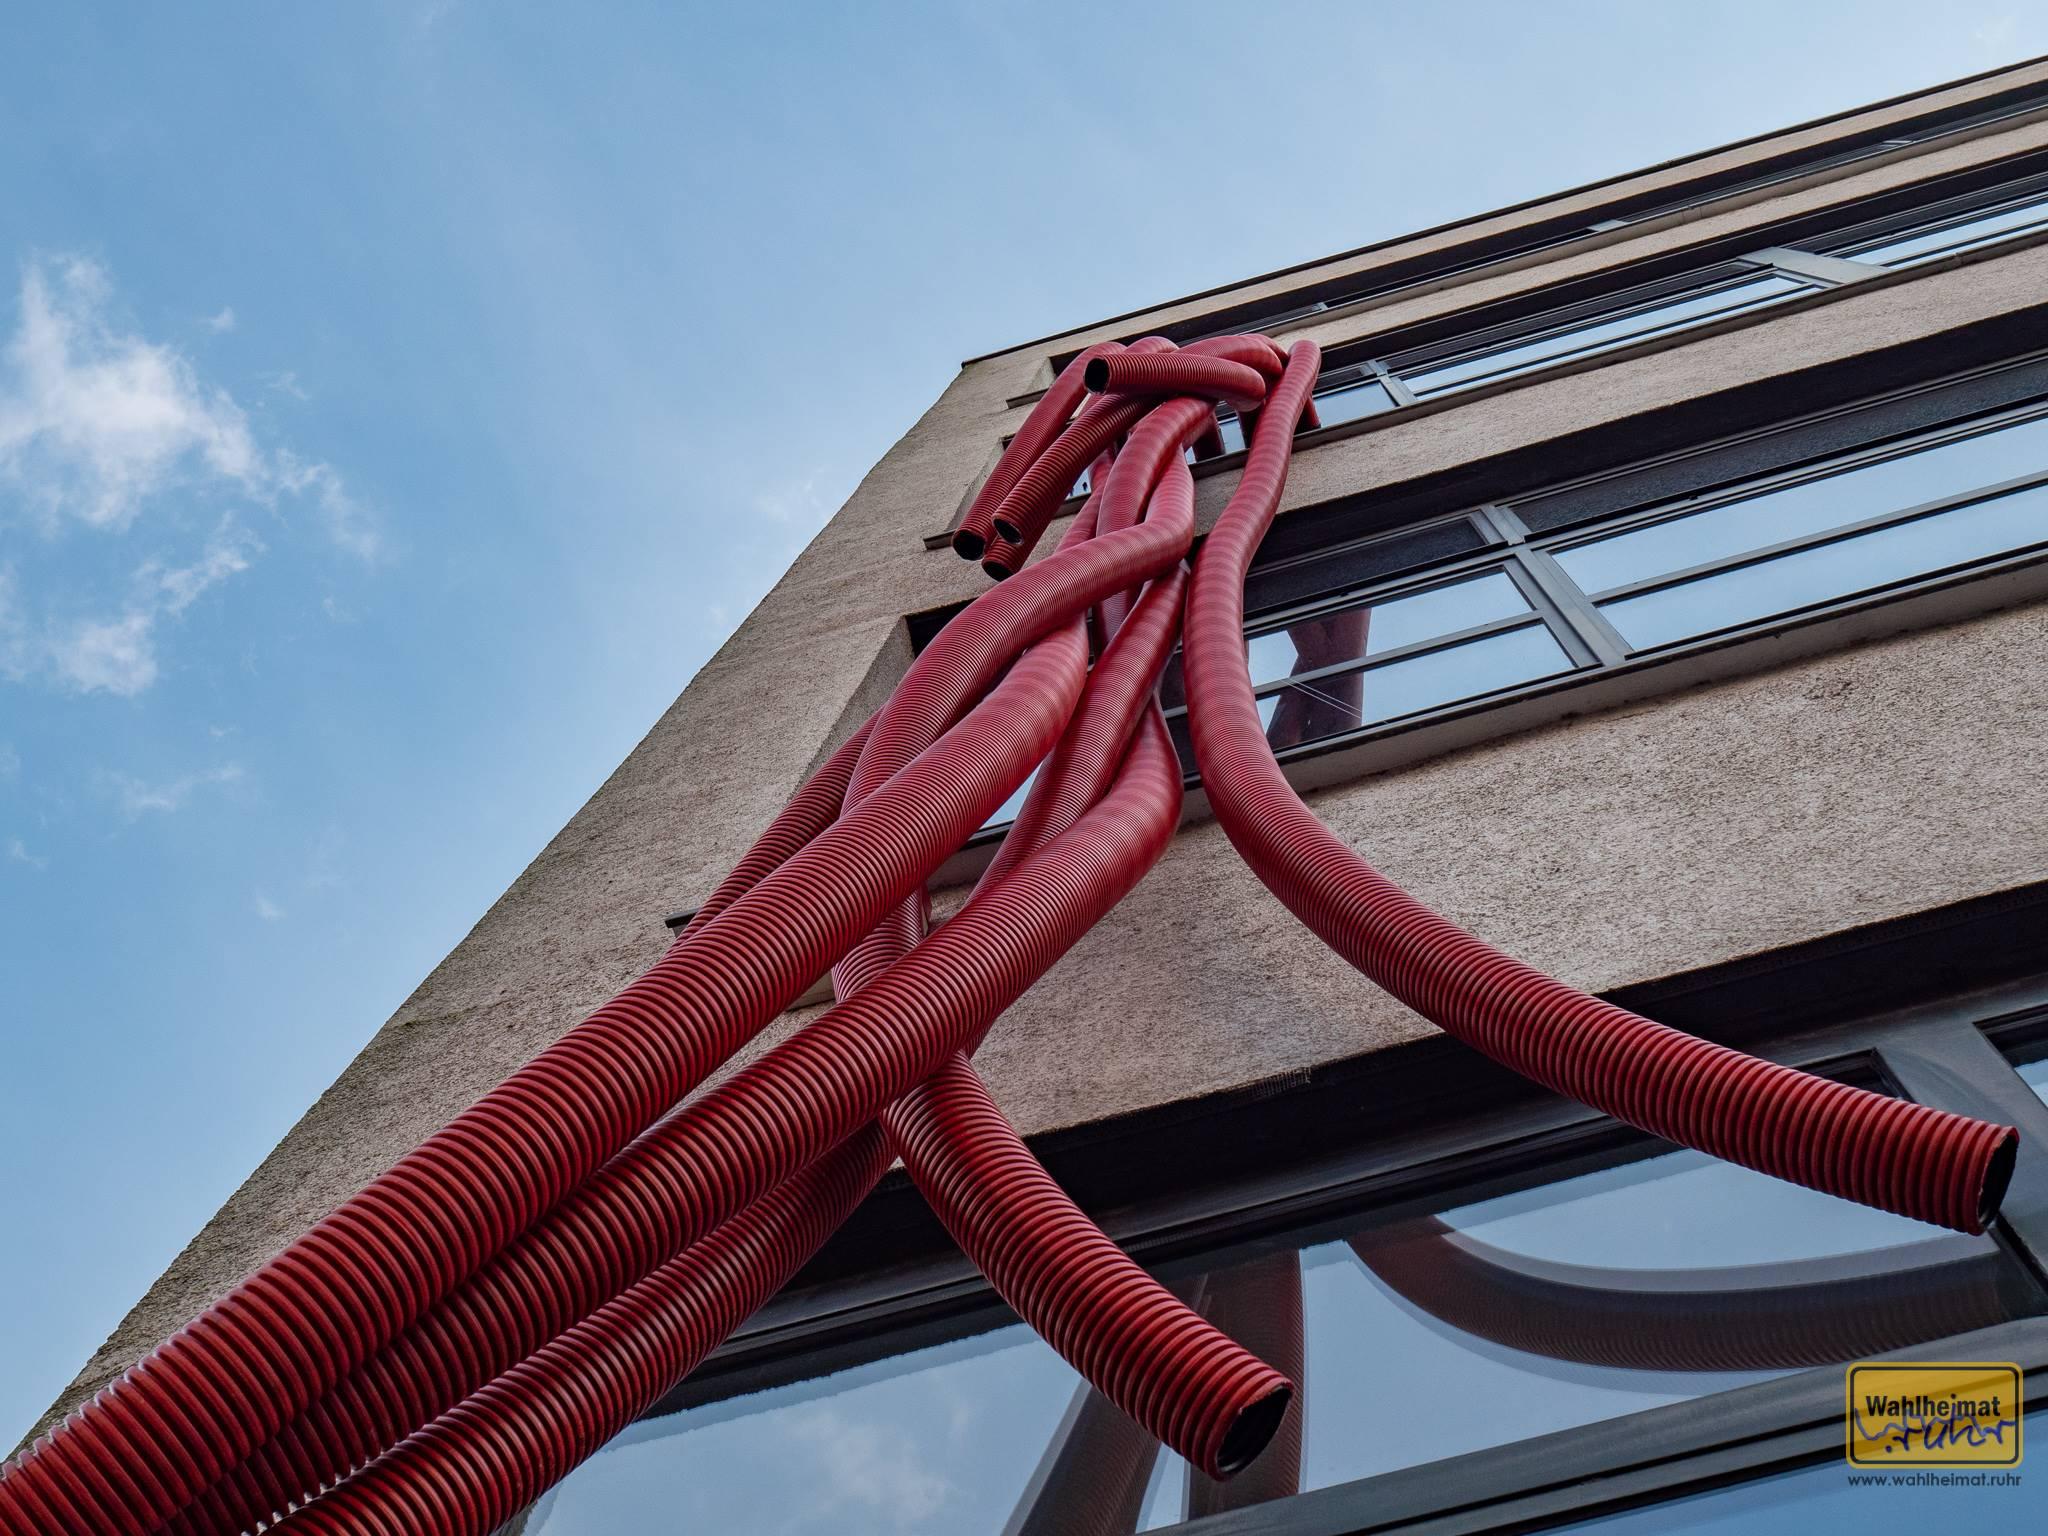 Ludwig Mies van der Rohe baute übrigens nur einen einzigen Industriebau: an dessen Fassade kann man derzeit seiner Originalstimme in langen, roten Rohren lauschen.